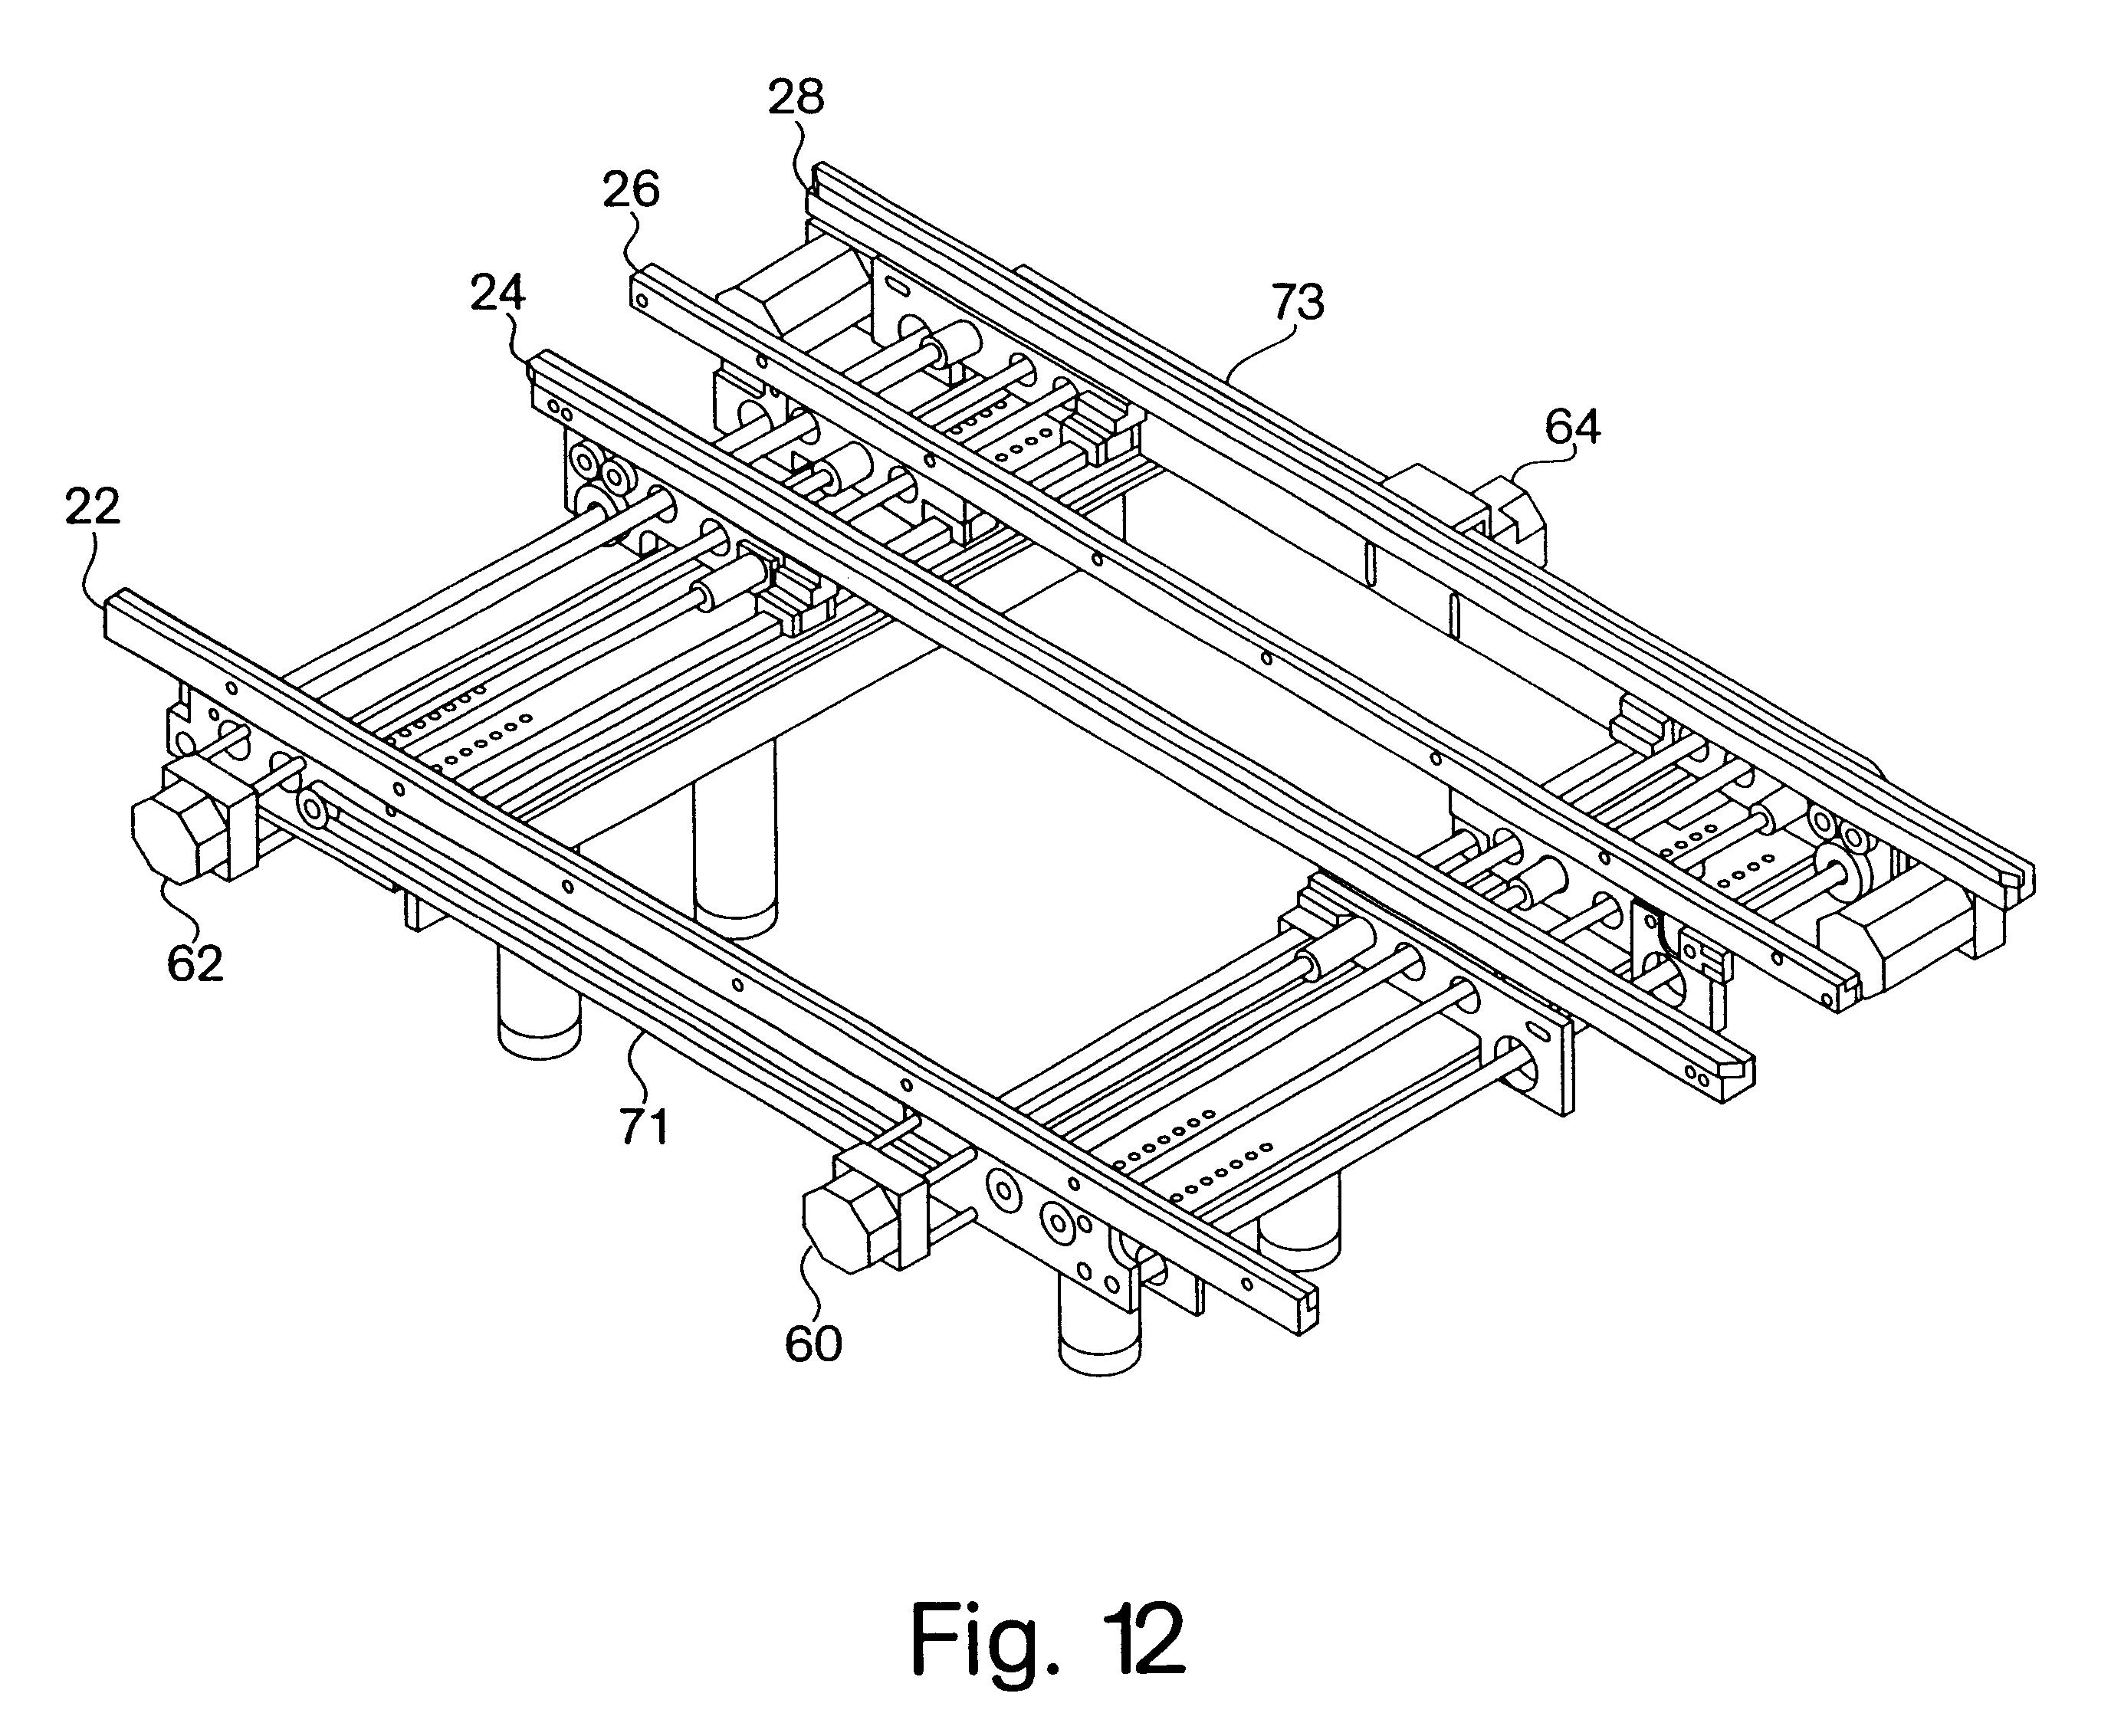 patent us6663712